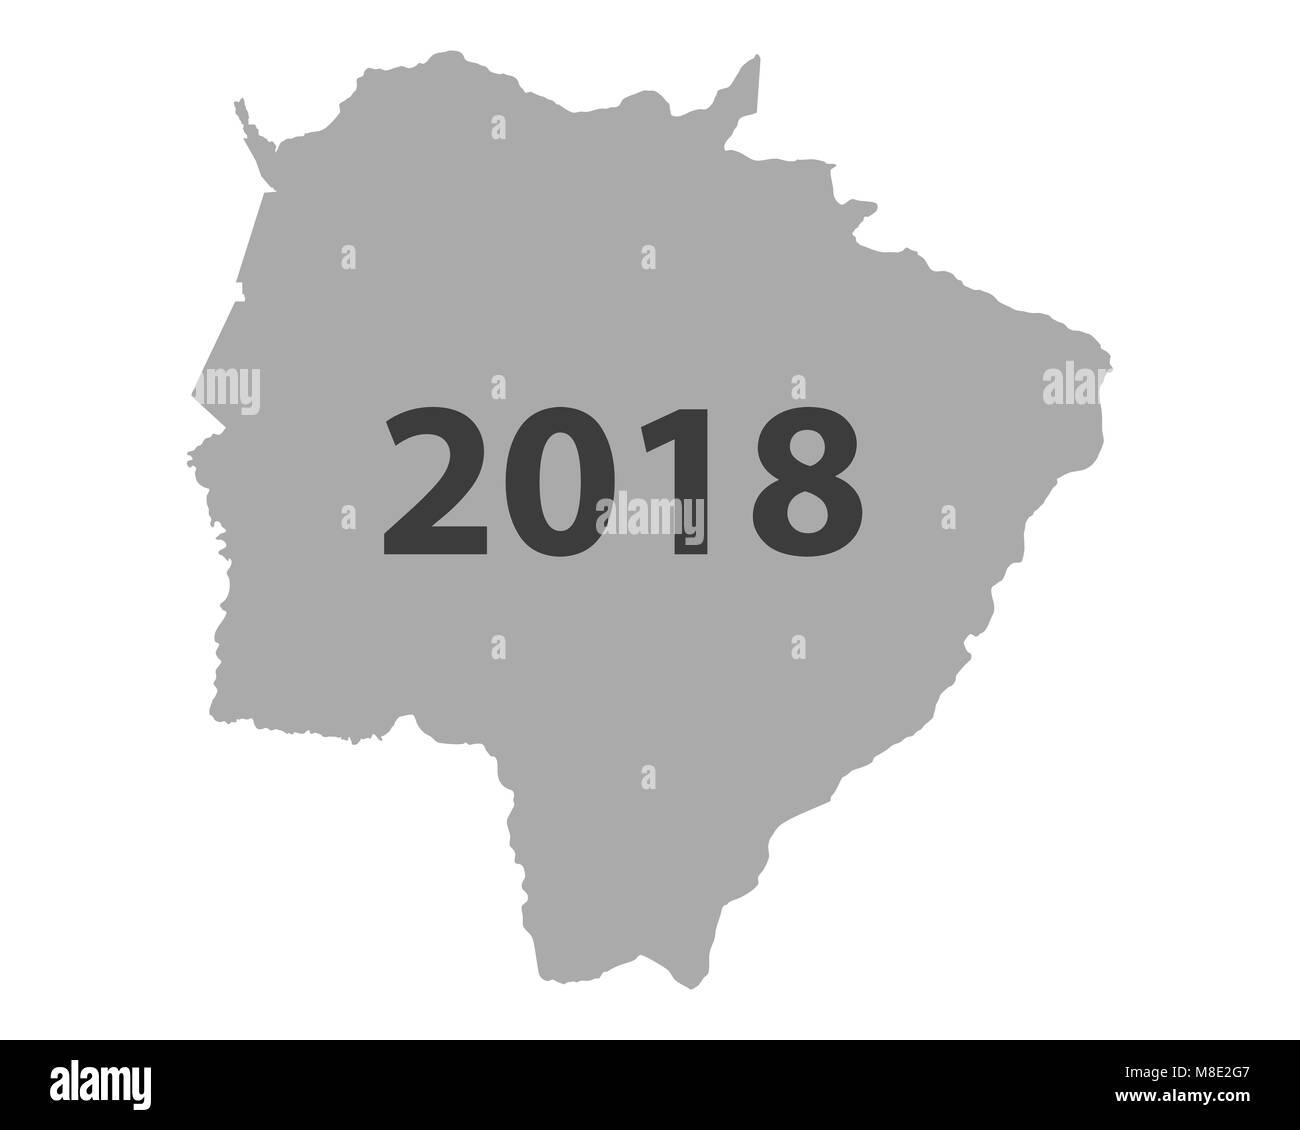 Map of Mato Grosso do Sul 2018 Stock Photo